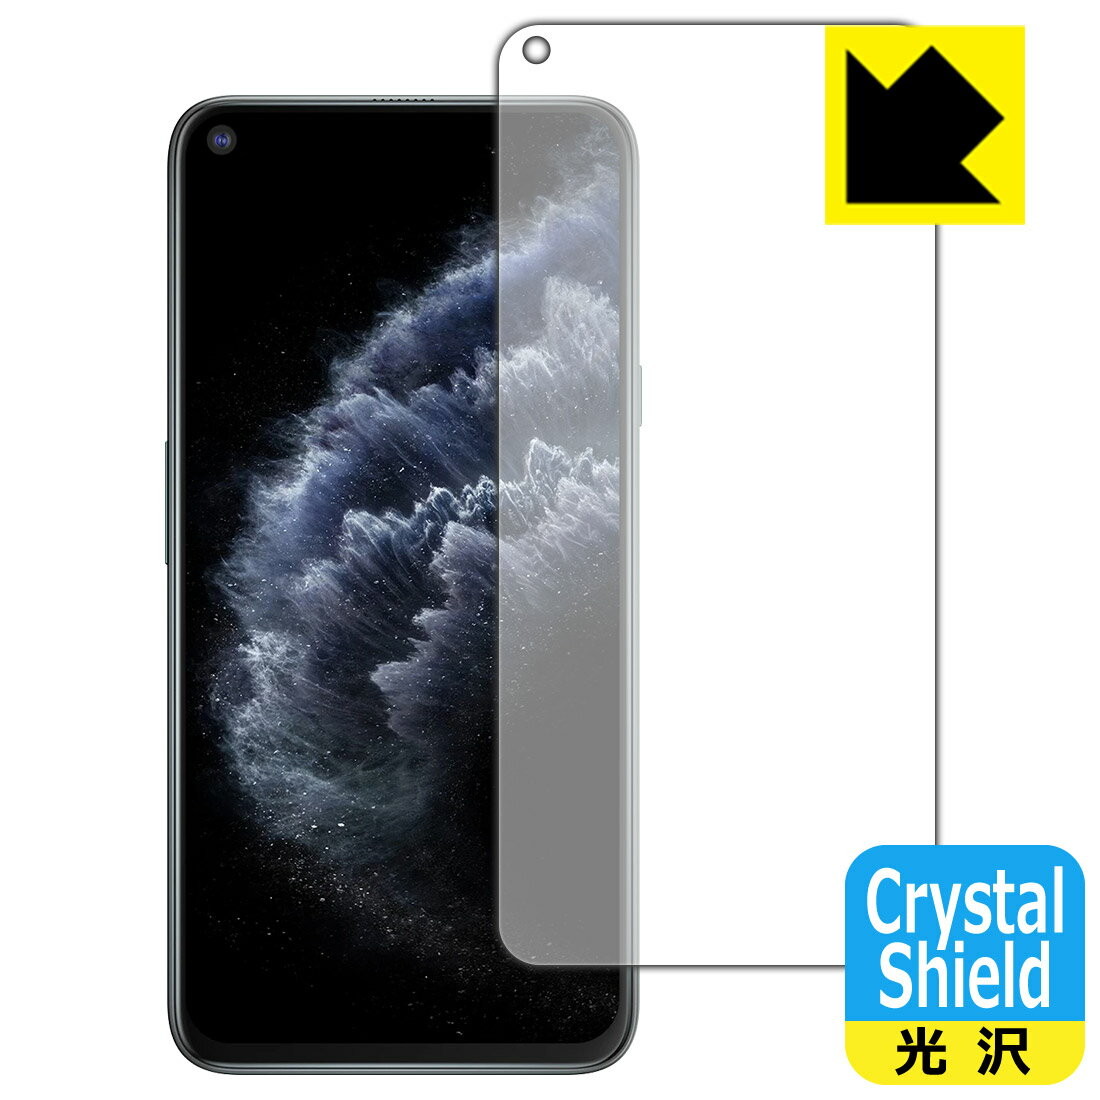 スマートフォン・携帯電話アクセサリー, 液晶保護フィルム Crystal Shield CUBOT C30 () RCPsmtb-kd